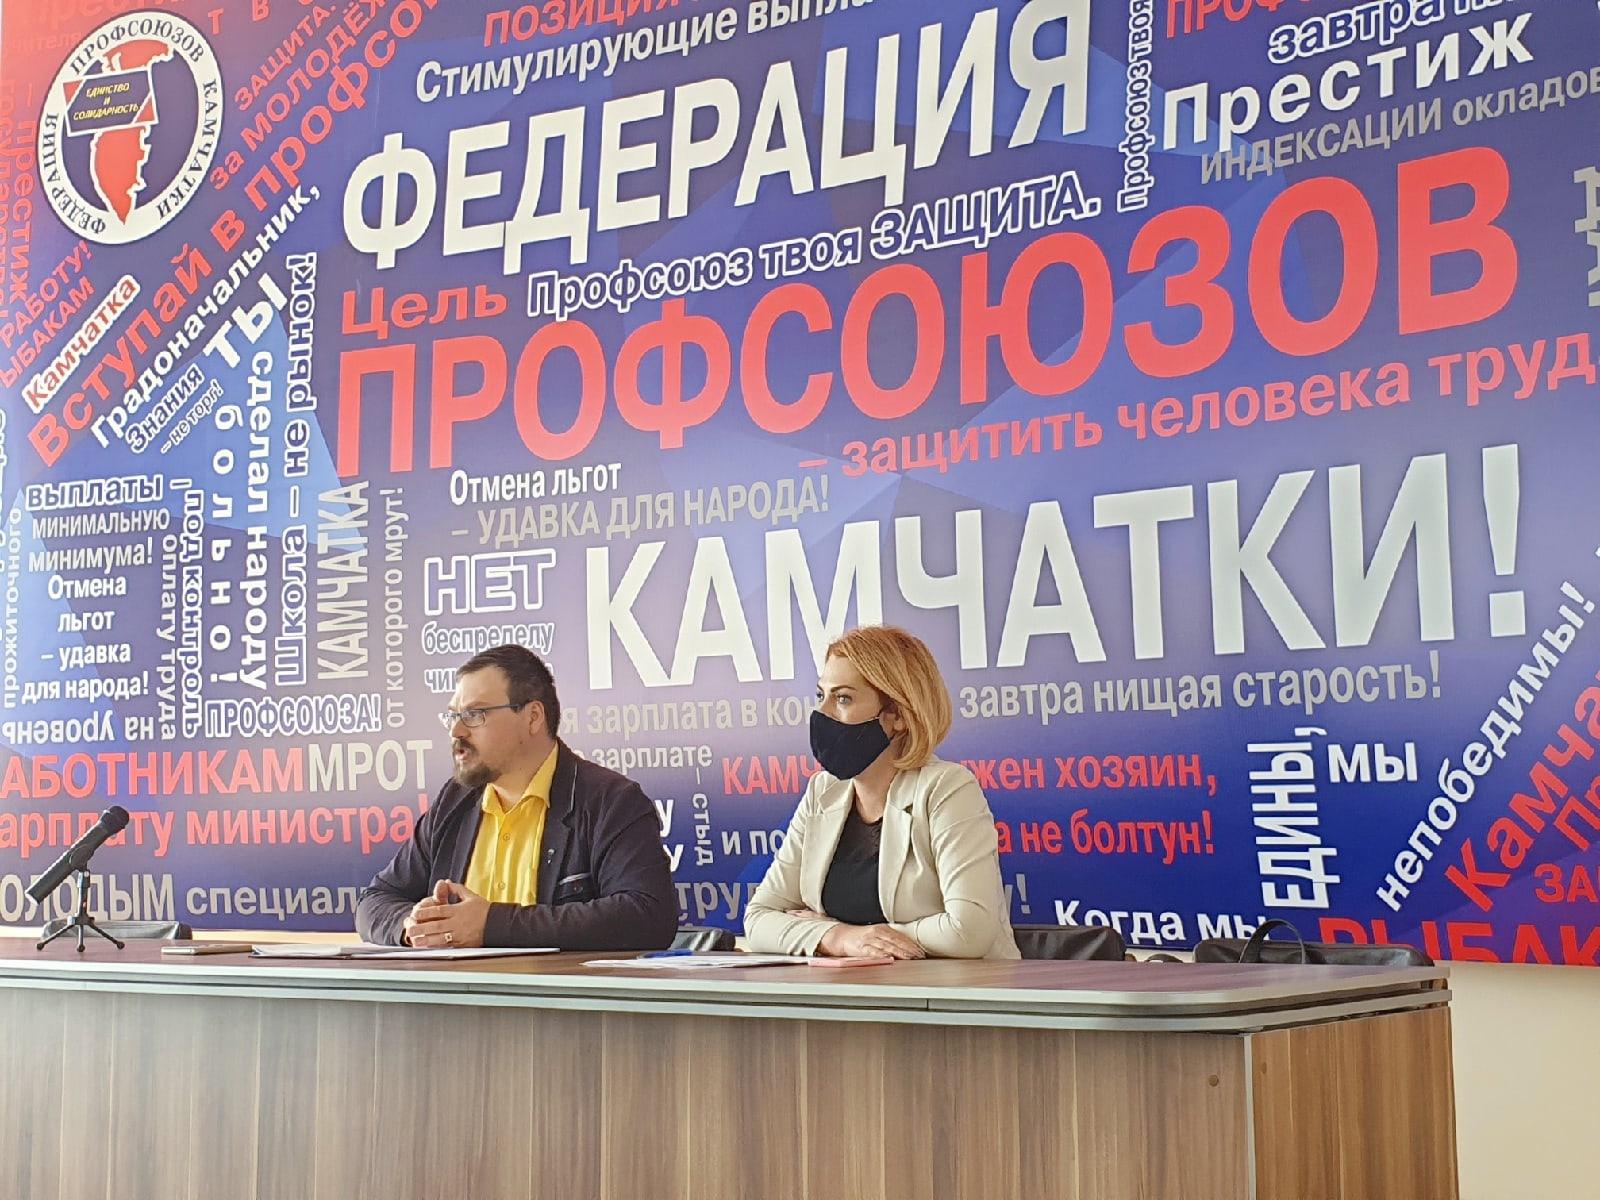 Сегодня на внеочередной конференции федерации профсоюзов Камчатки избран новый председатель